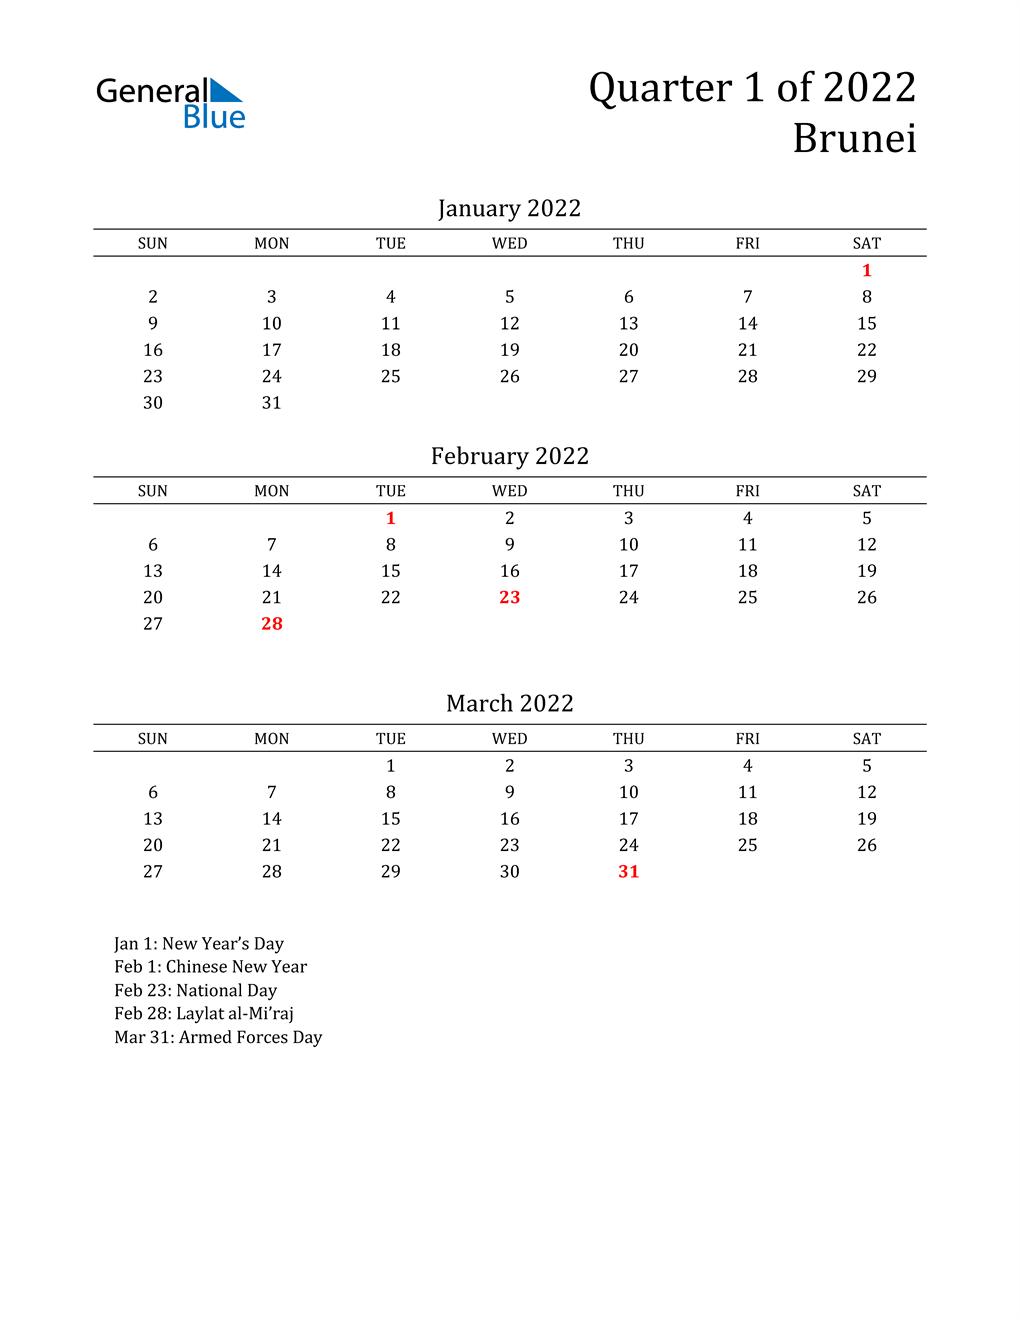 2022 Brunei Quarterly Calendar